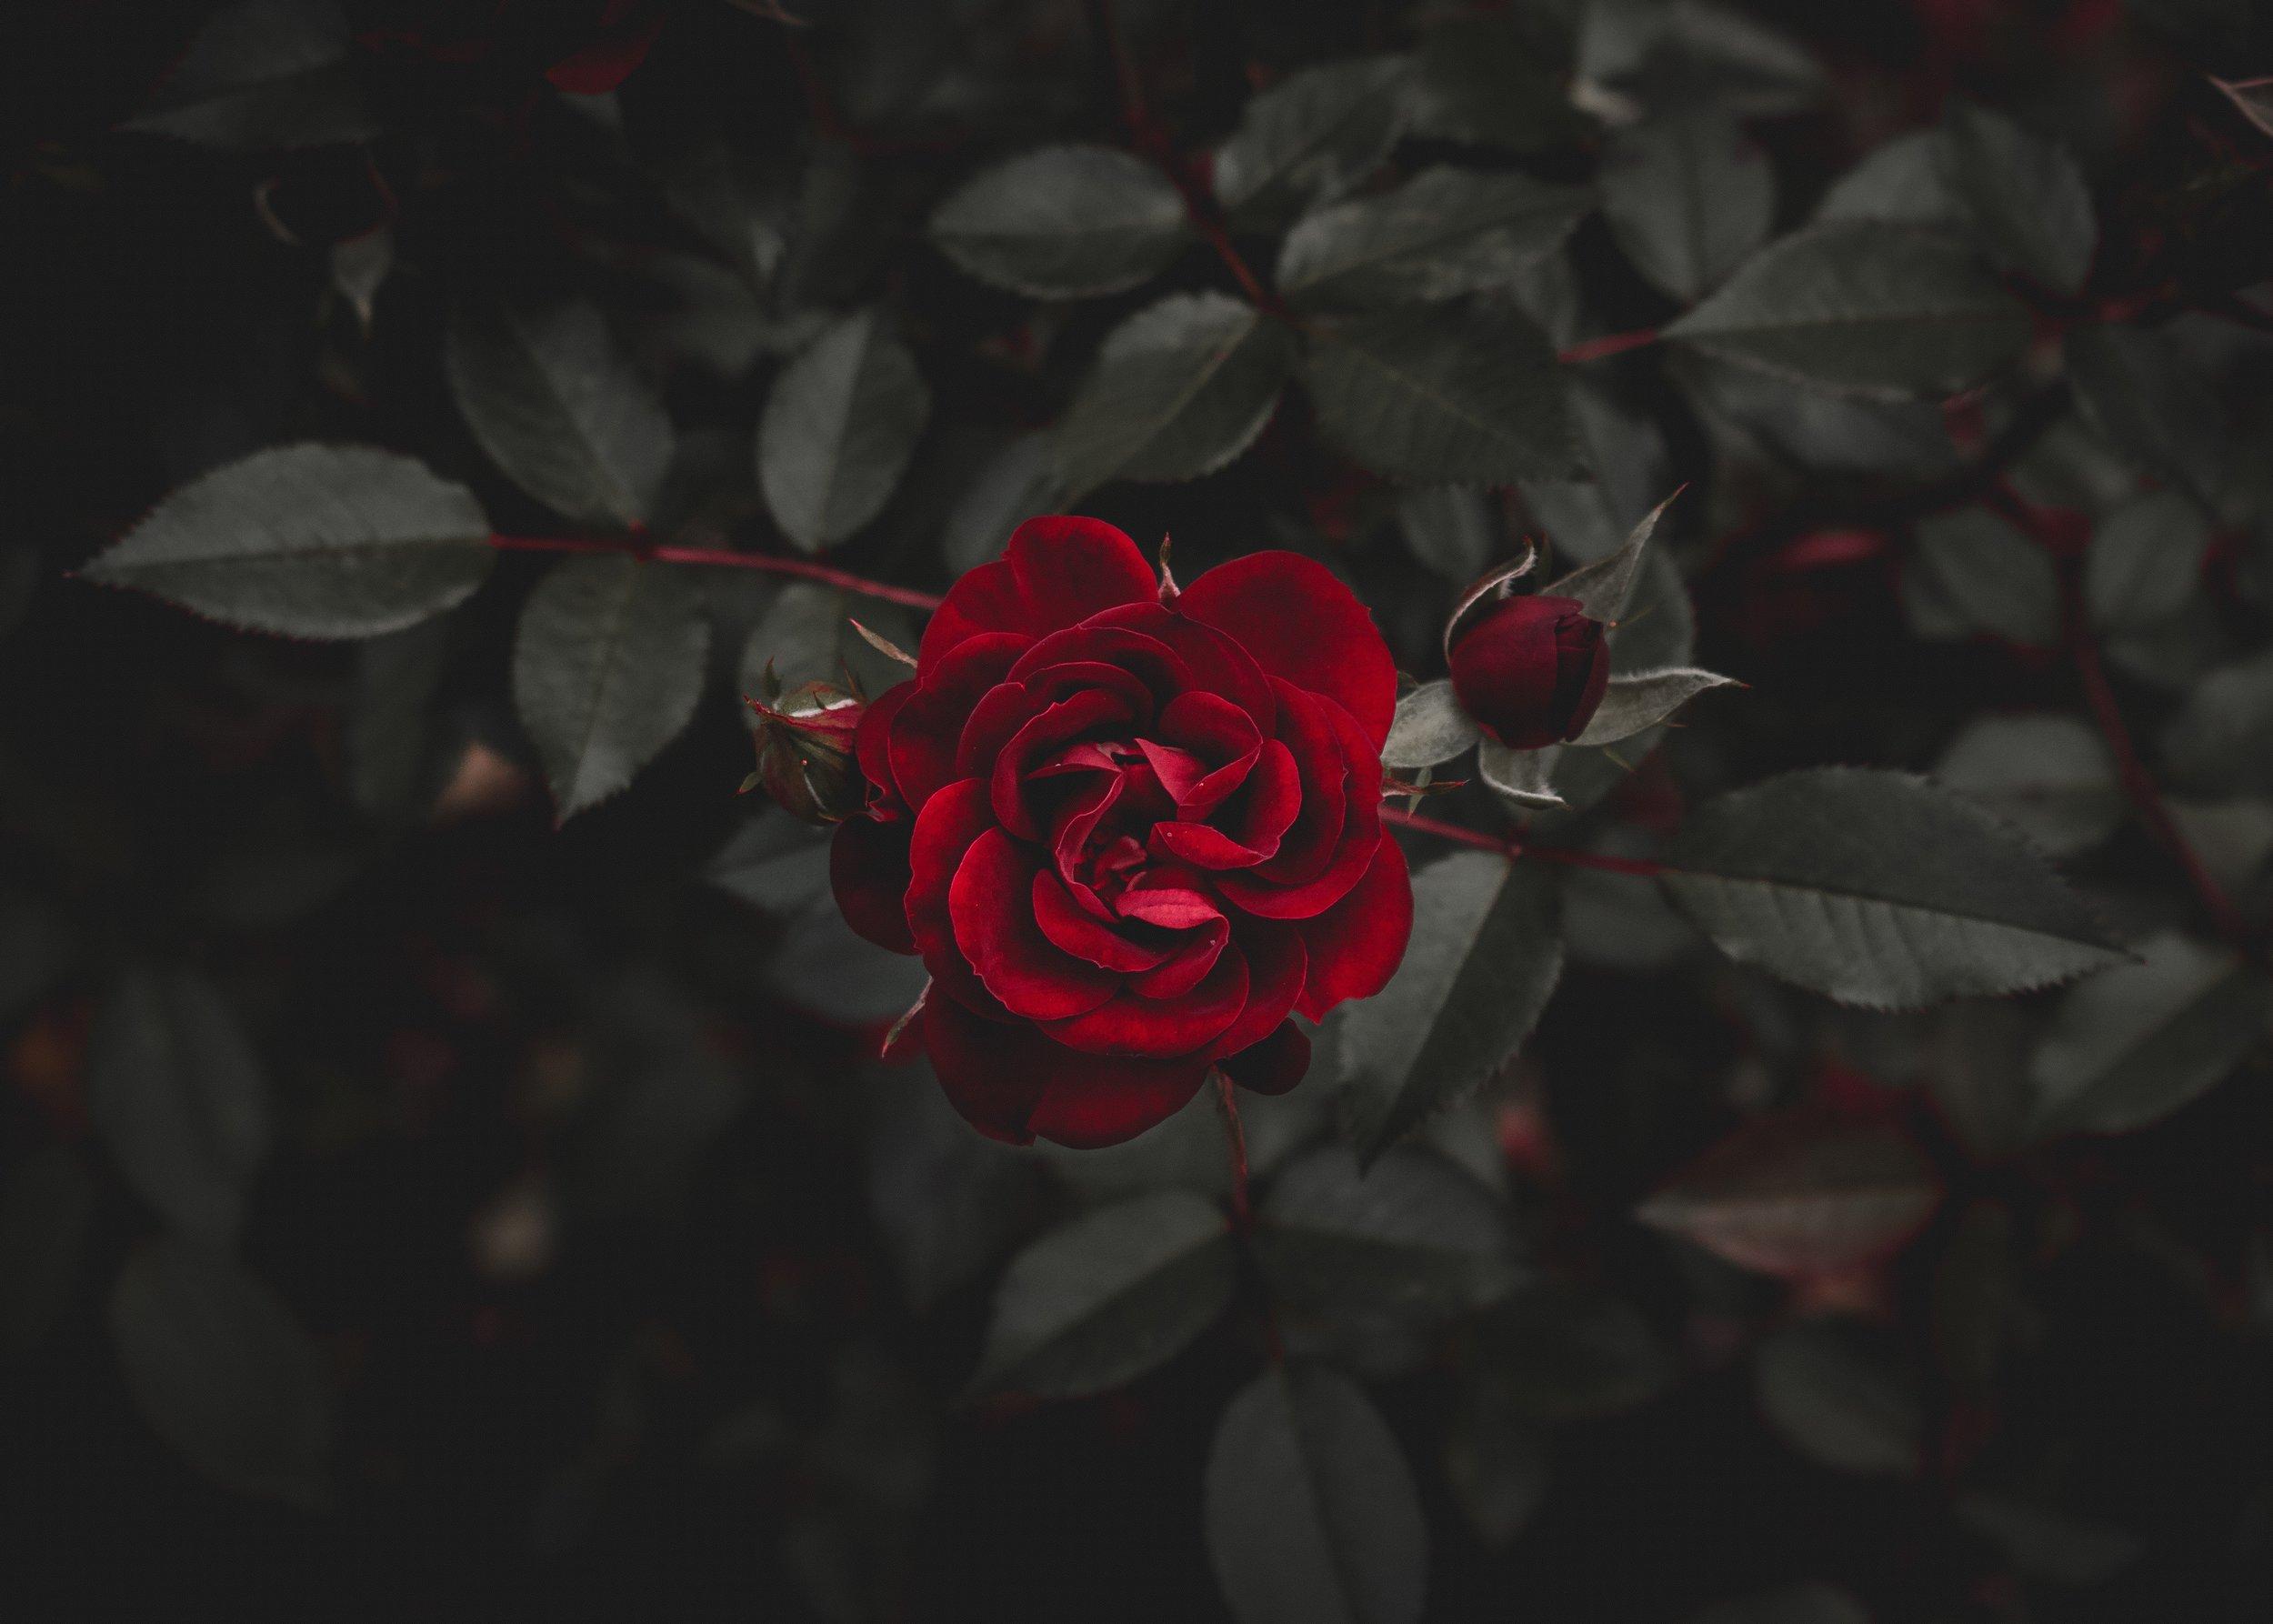 rose-thorn.jpg